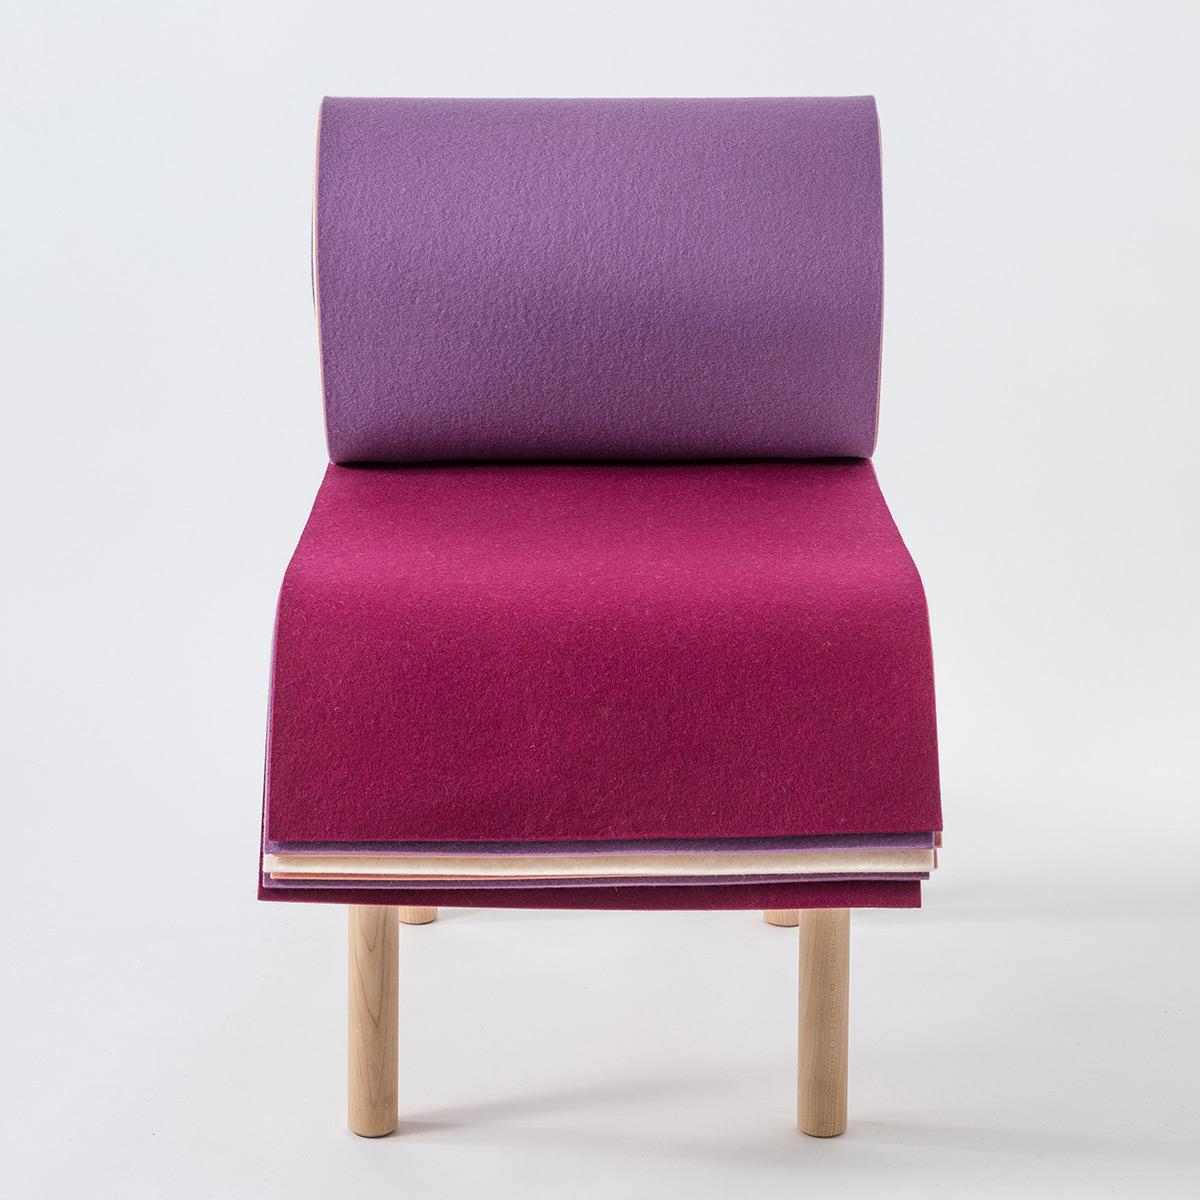 Pages-chair-Noriko-Hashida-03